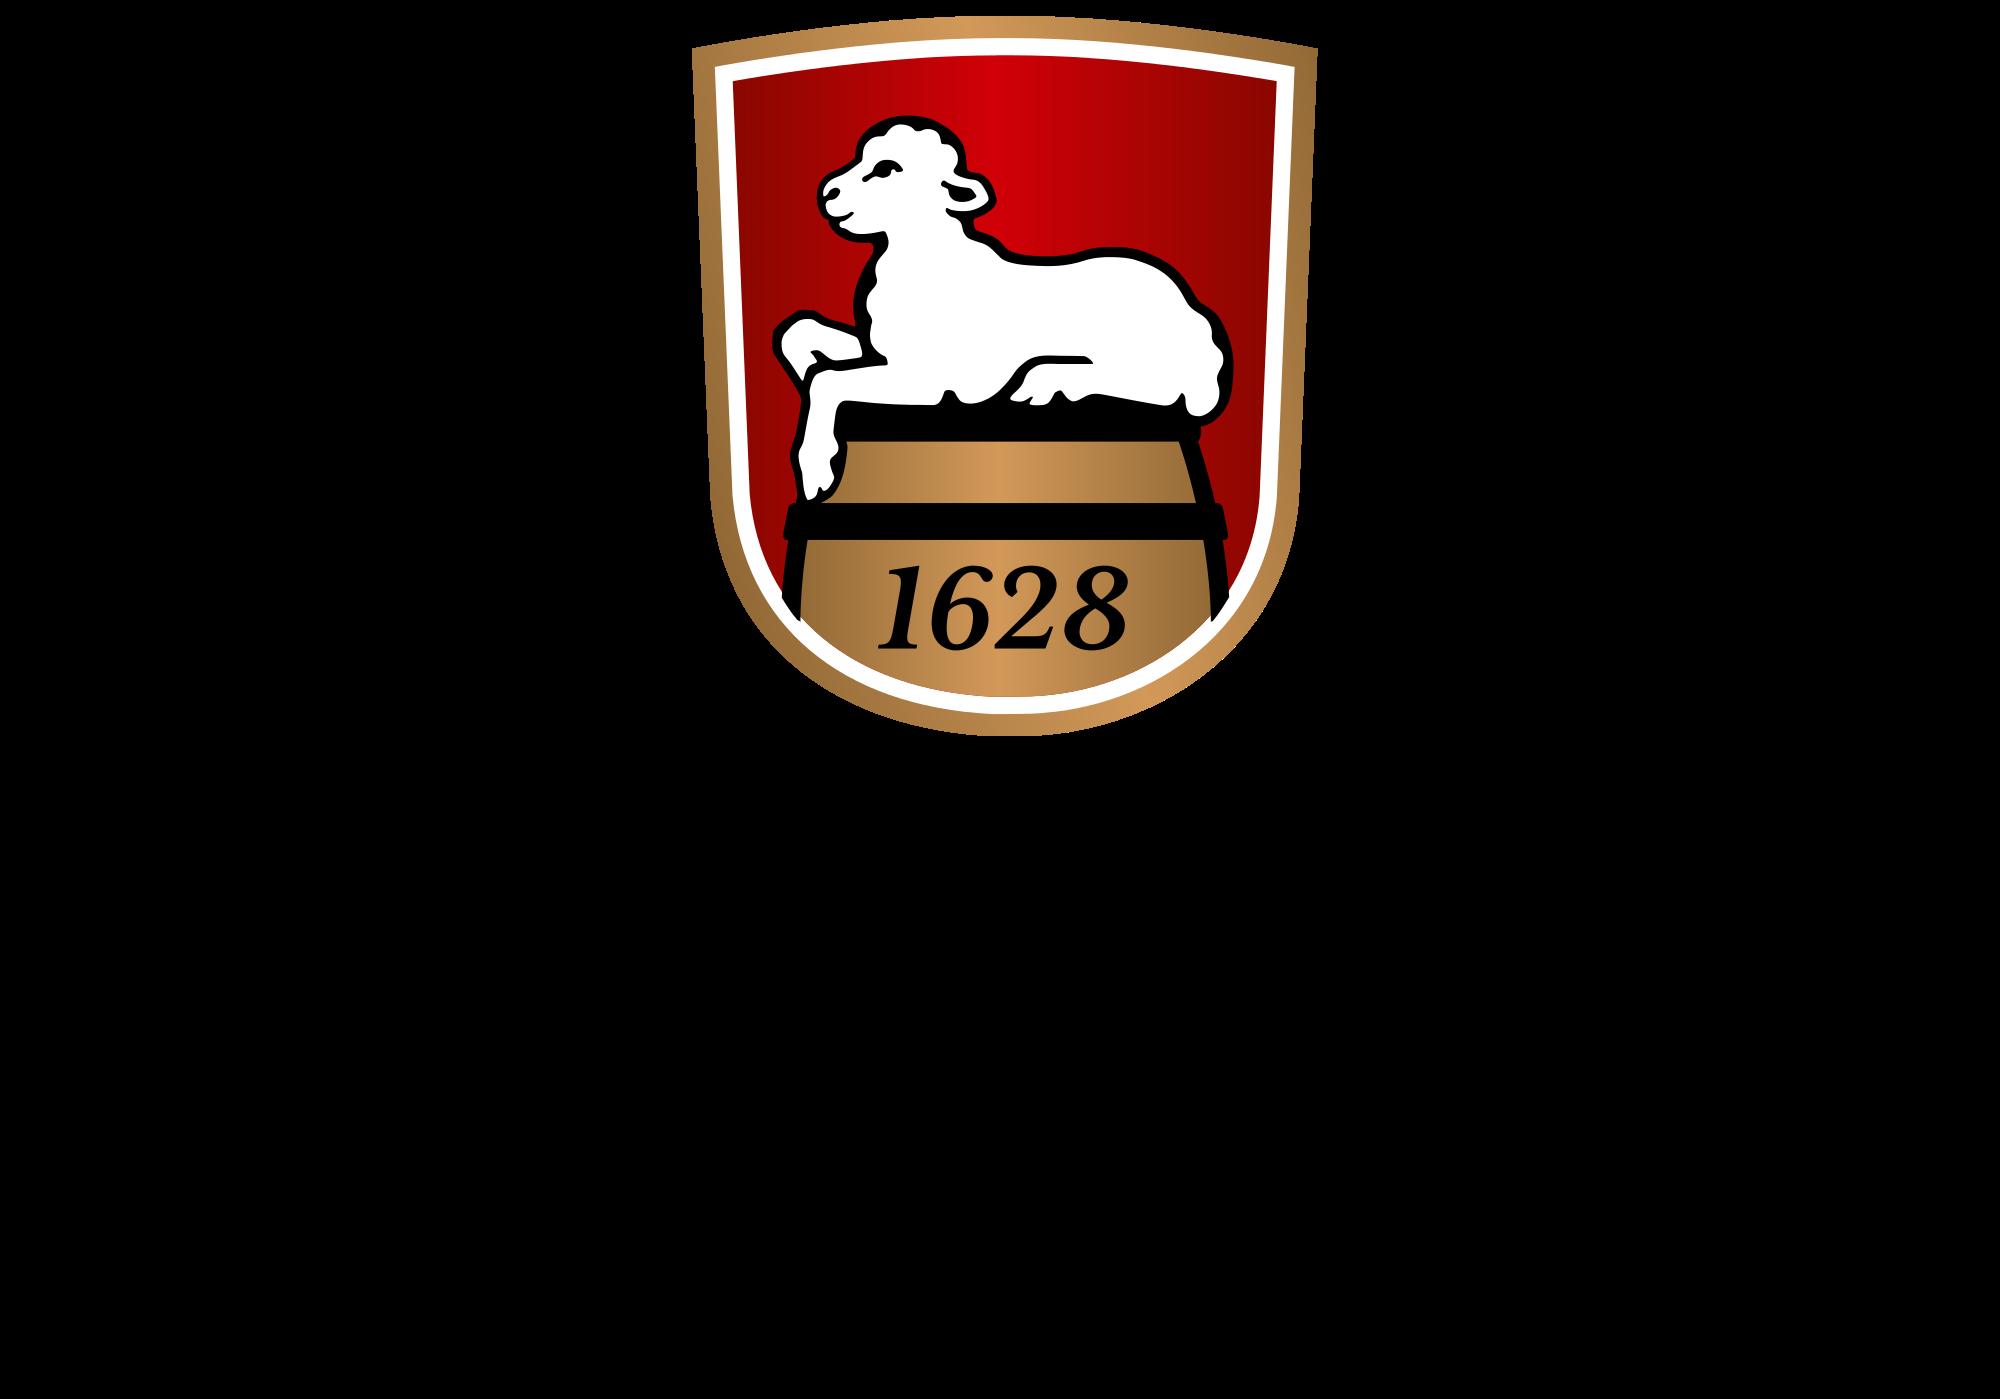 Lammsbräu